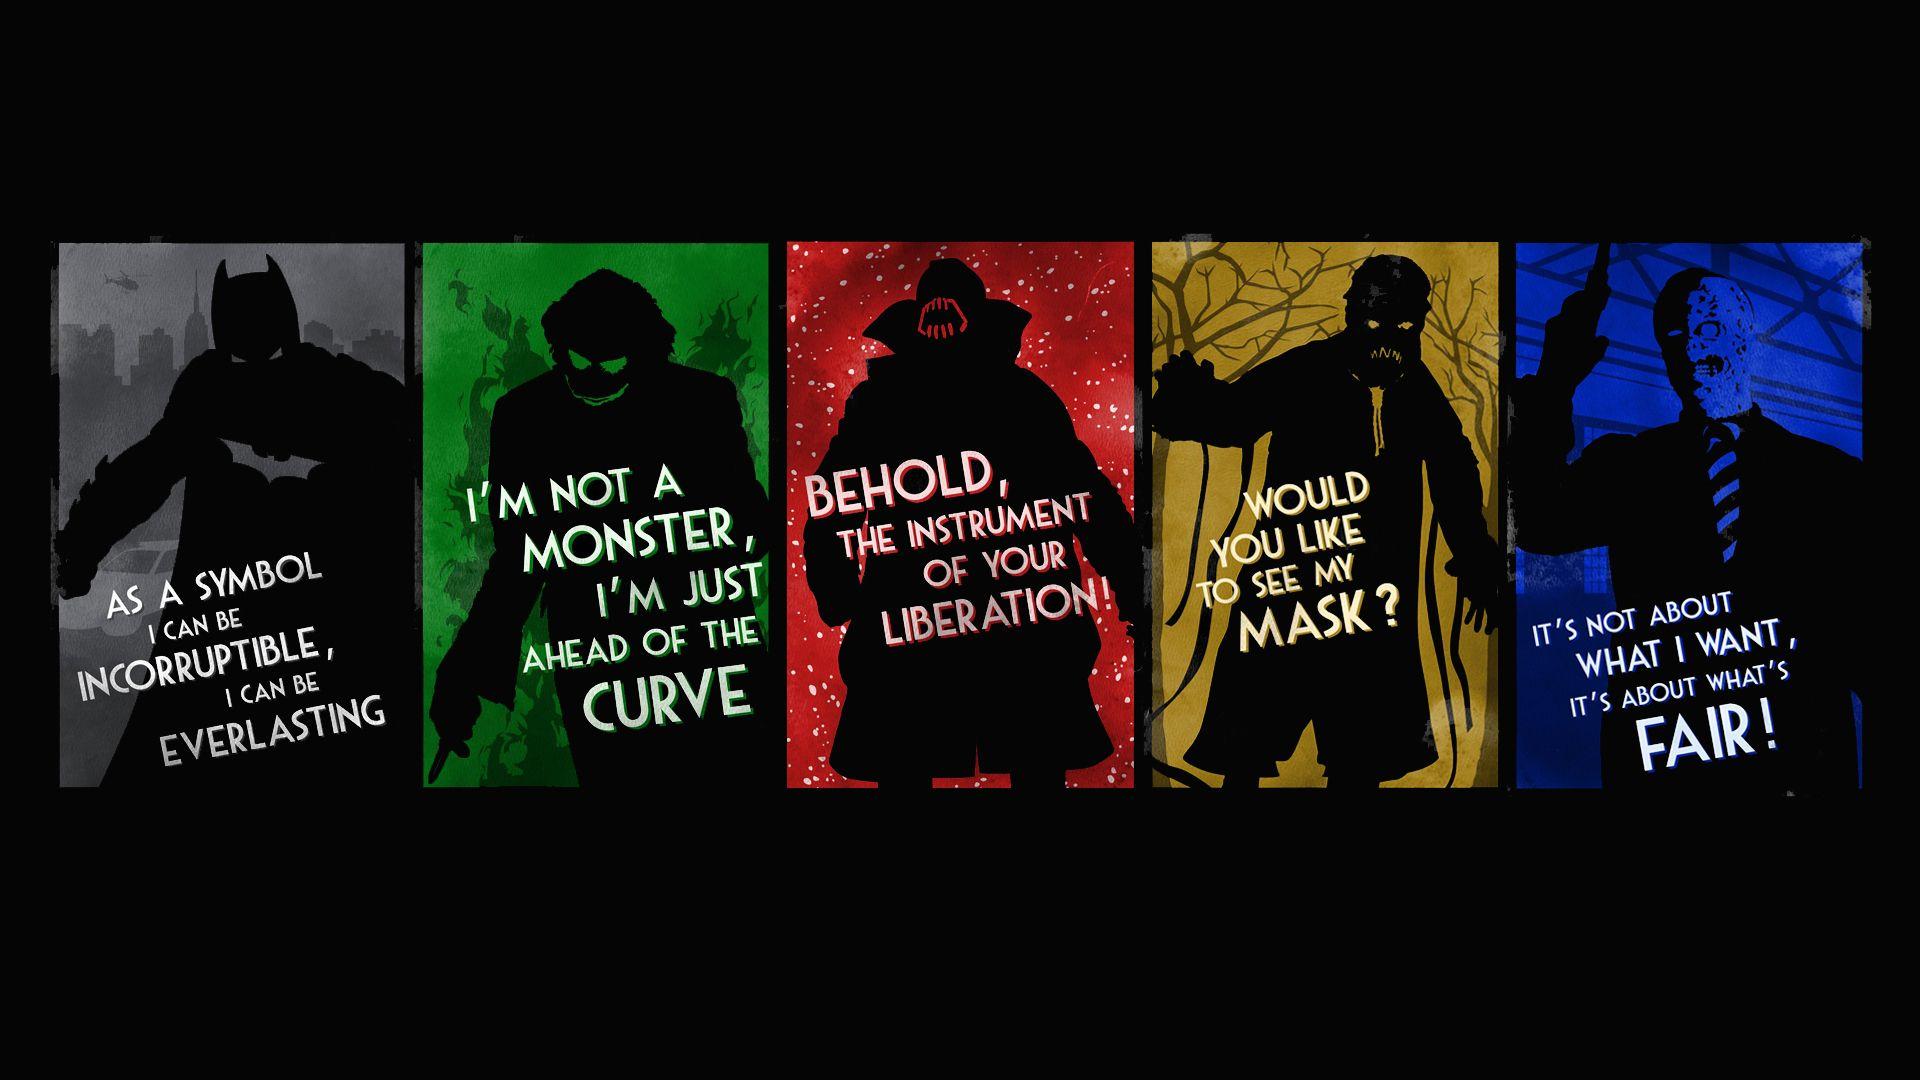 33 Batman Beyond HD Wallpapers | Backgrounds - Wallpaper Abyss